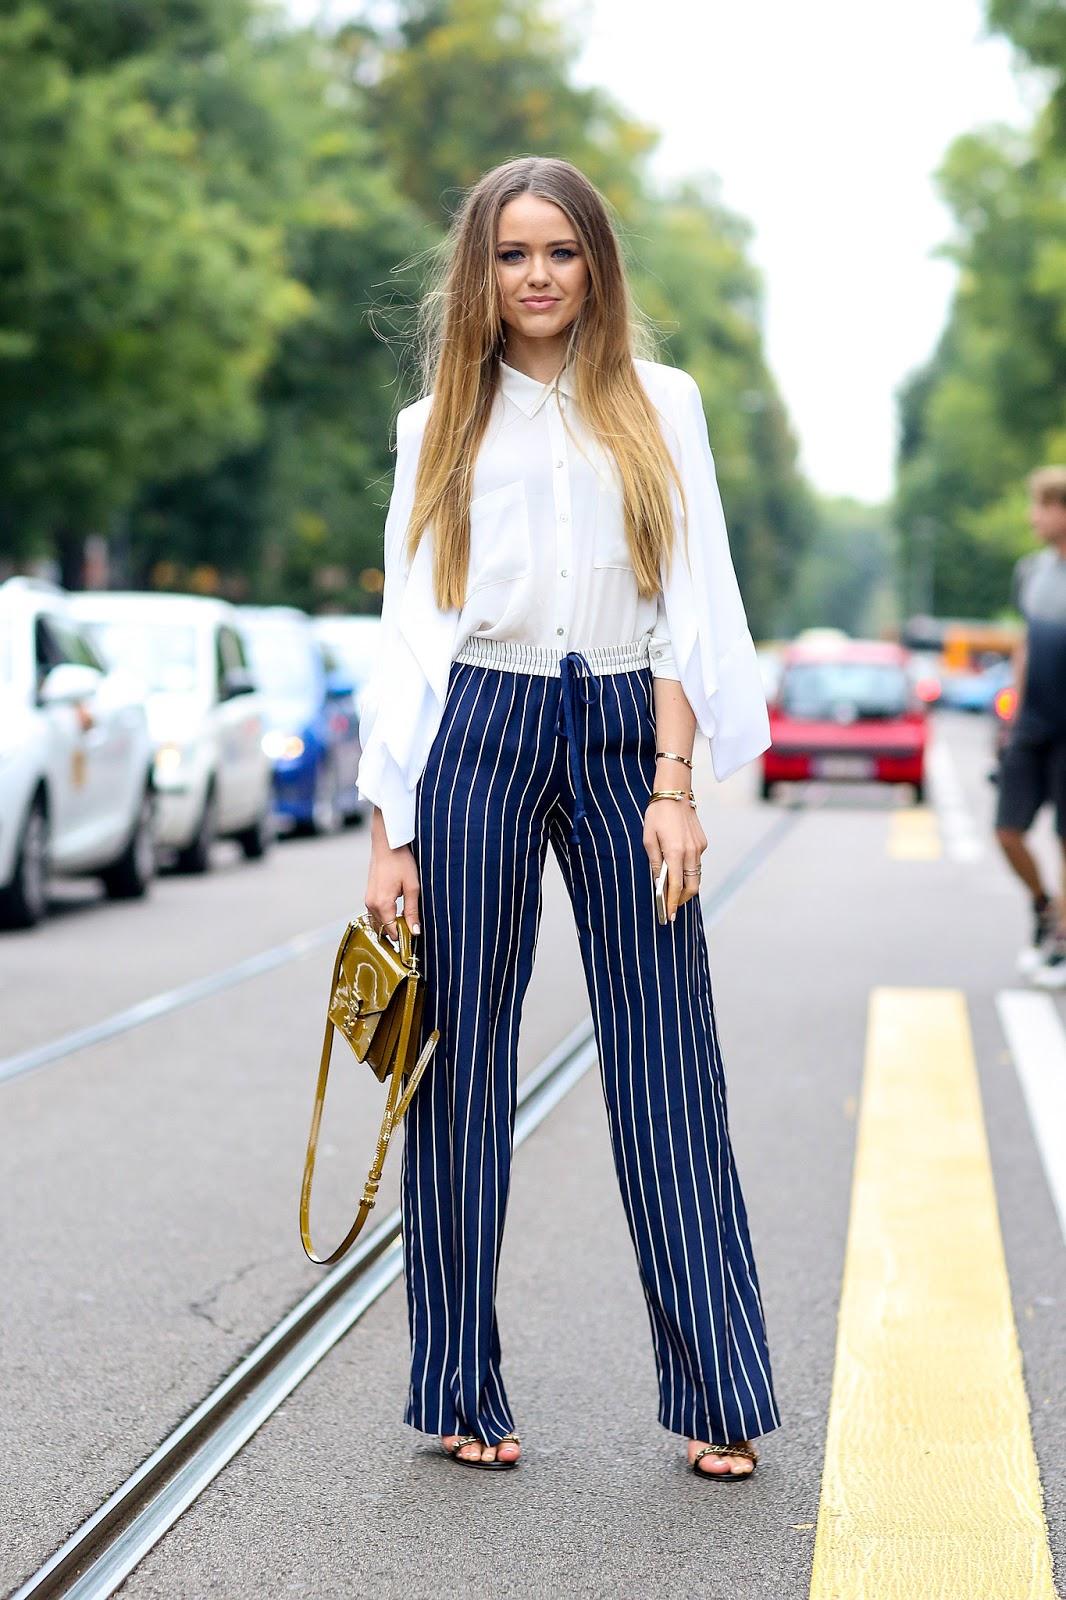 Pantalones A Rayas Para Mujeres Nuevos Modelos Moda Y Tendencias 2019 2020 Somosmoda Net